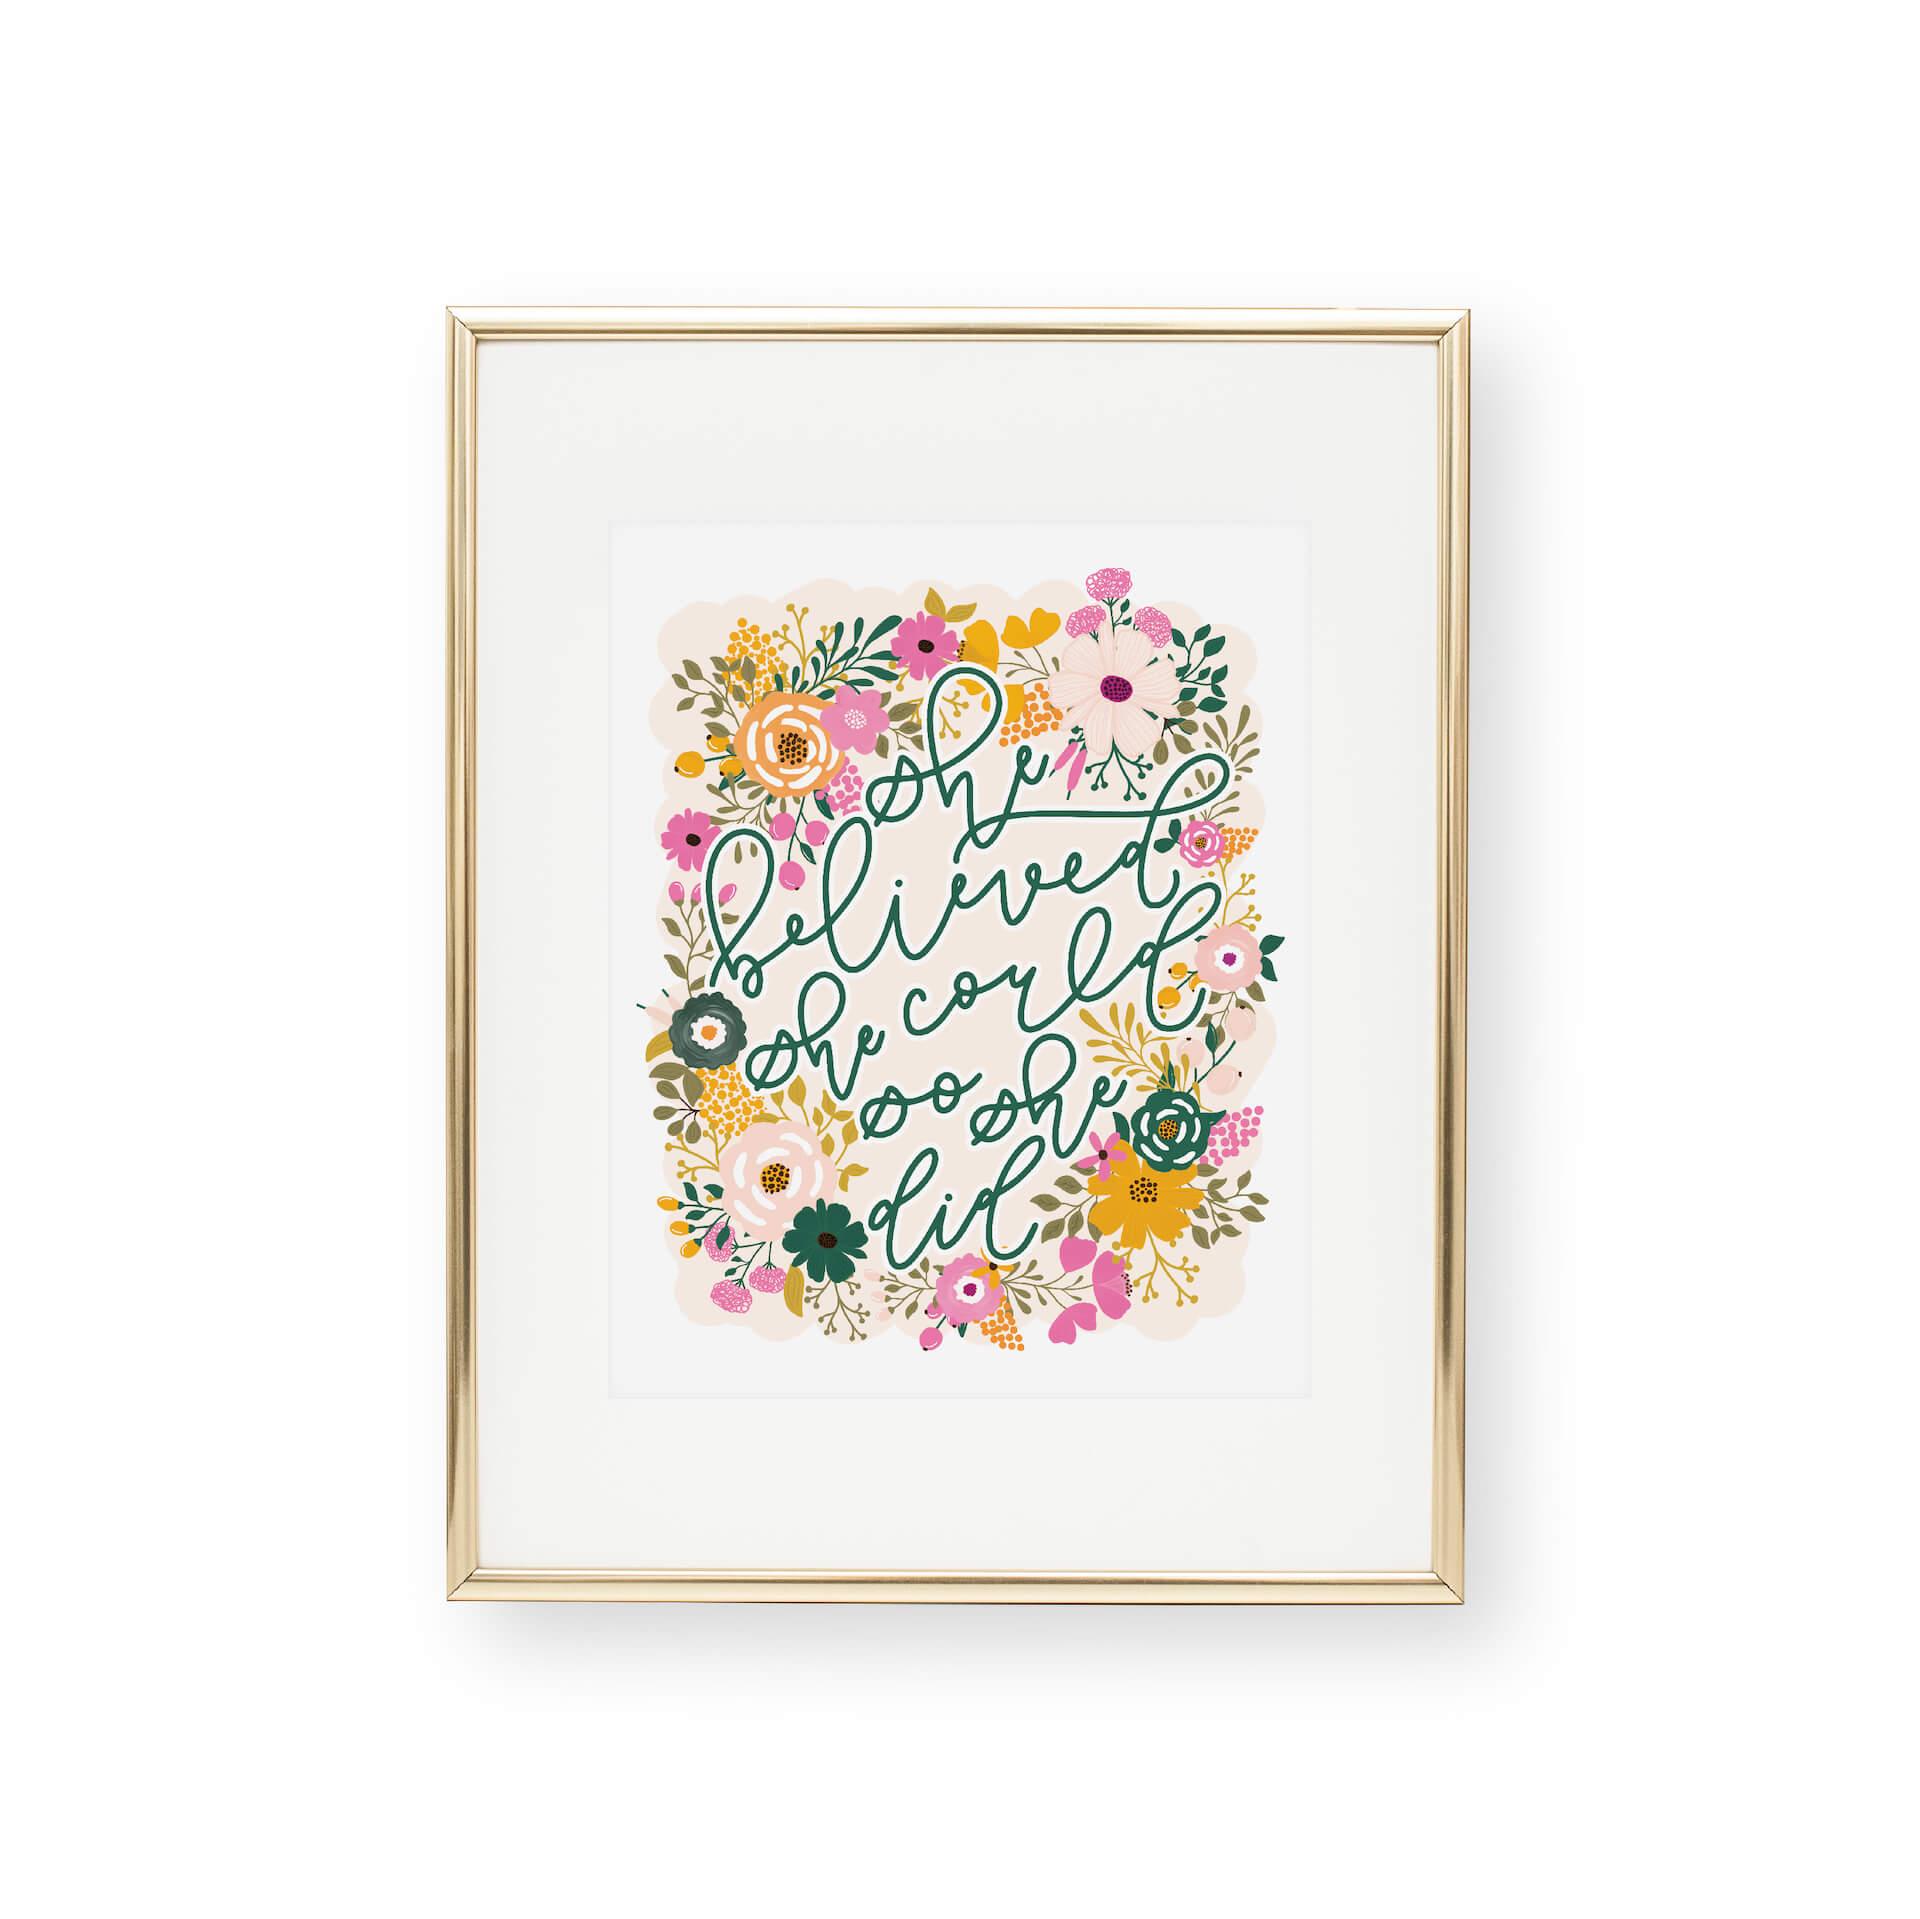 Floral Belief Art Print-01.jpg